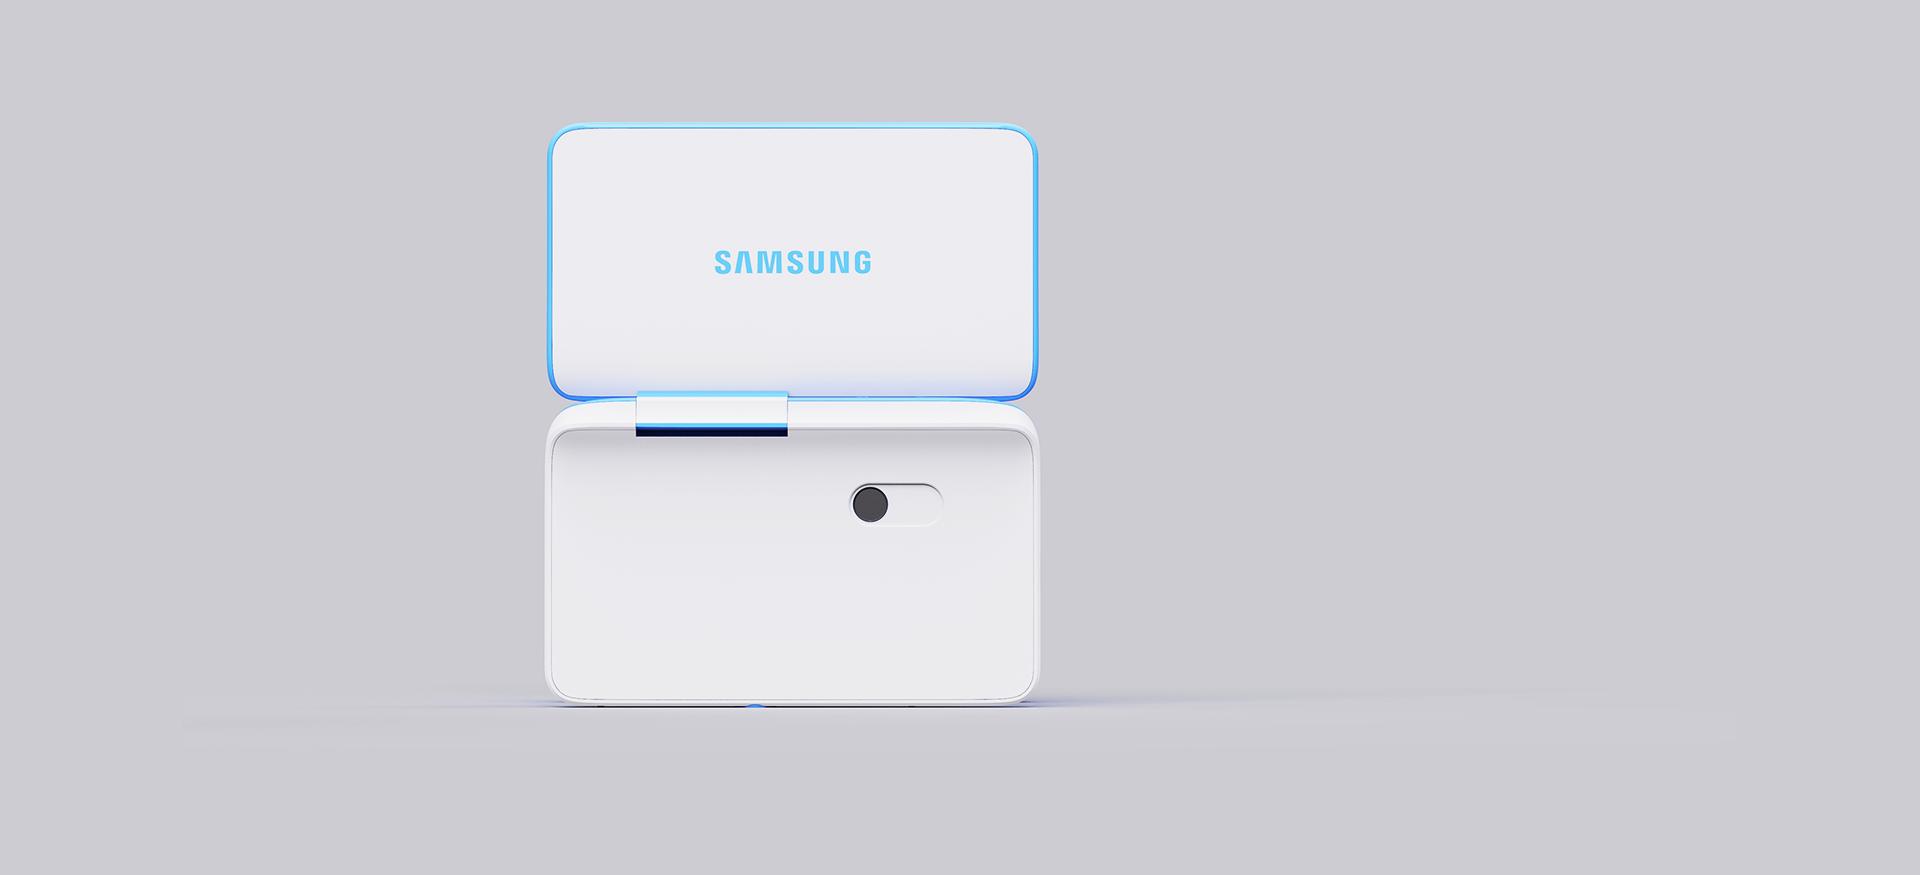 Samsung Compact Camera_designgree_006